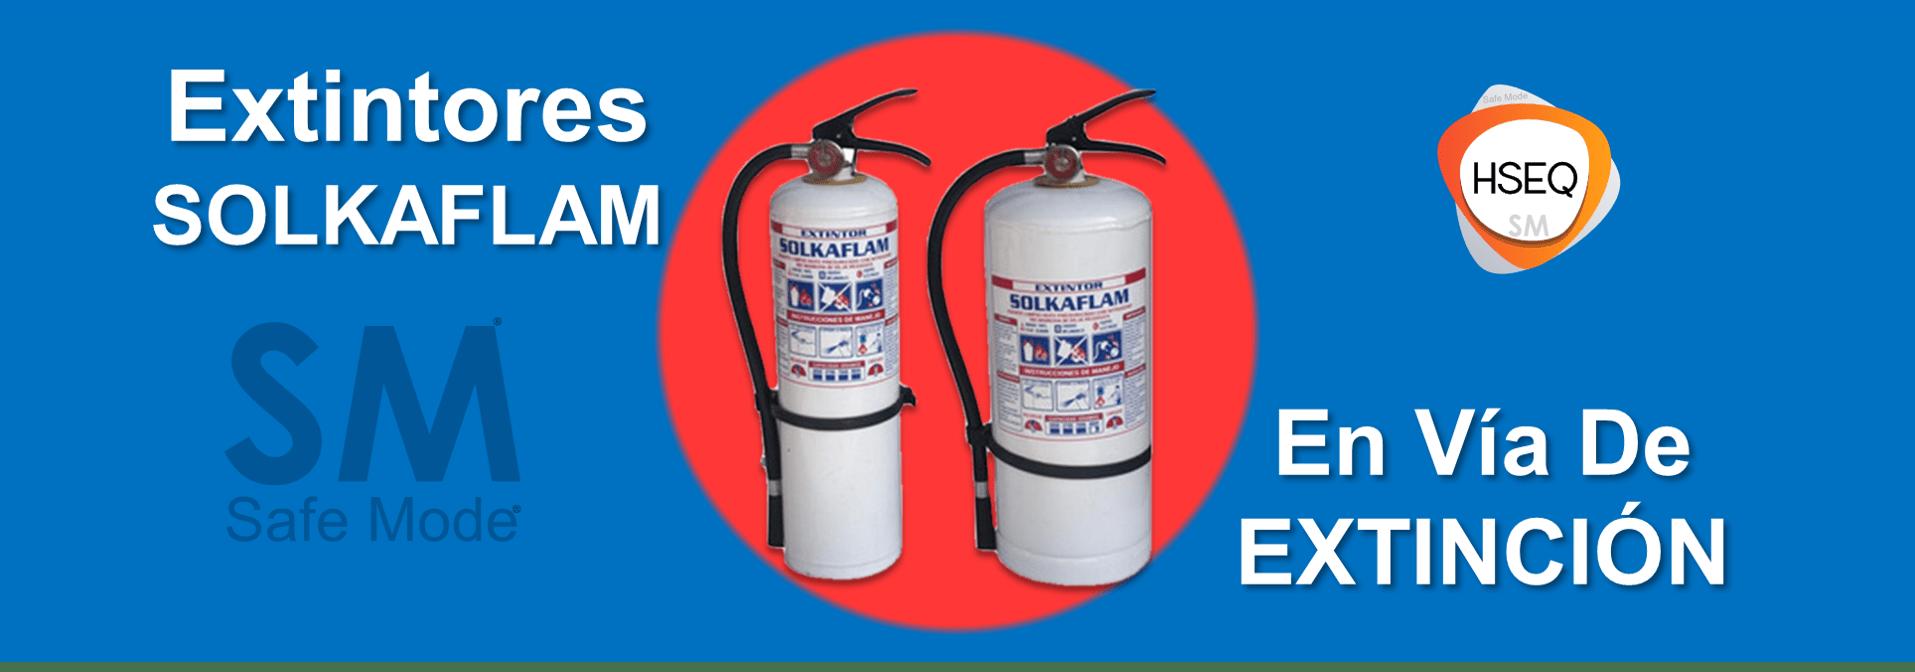 Extintores Solkaflam en vía de extinción